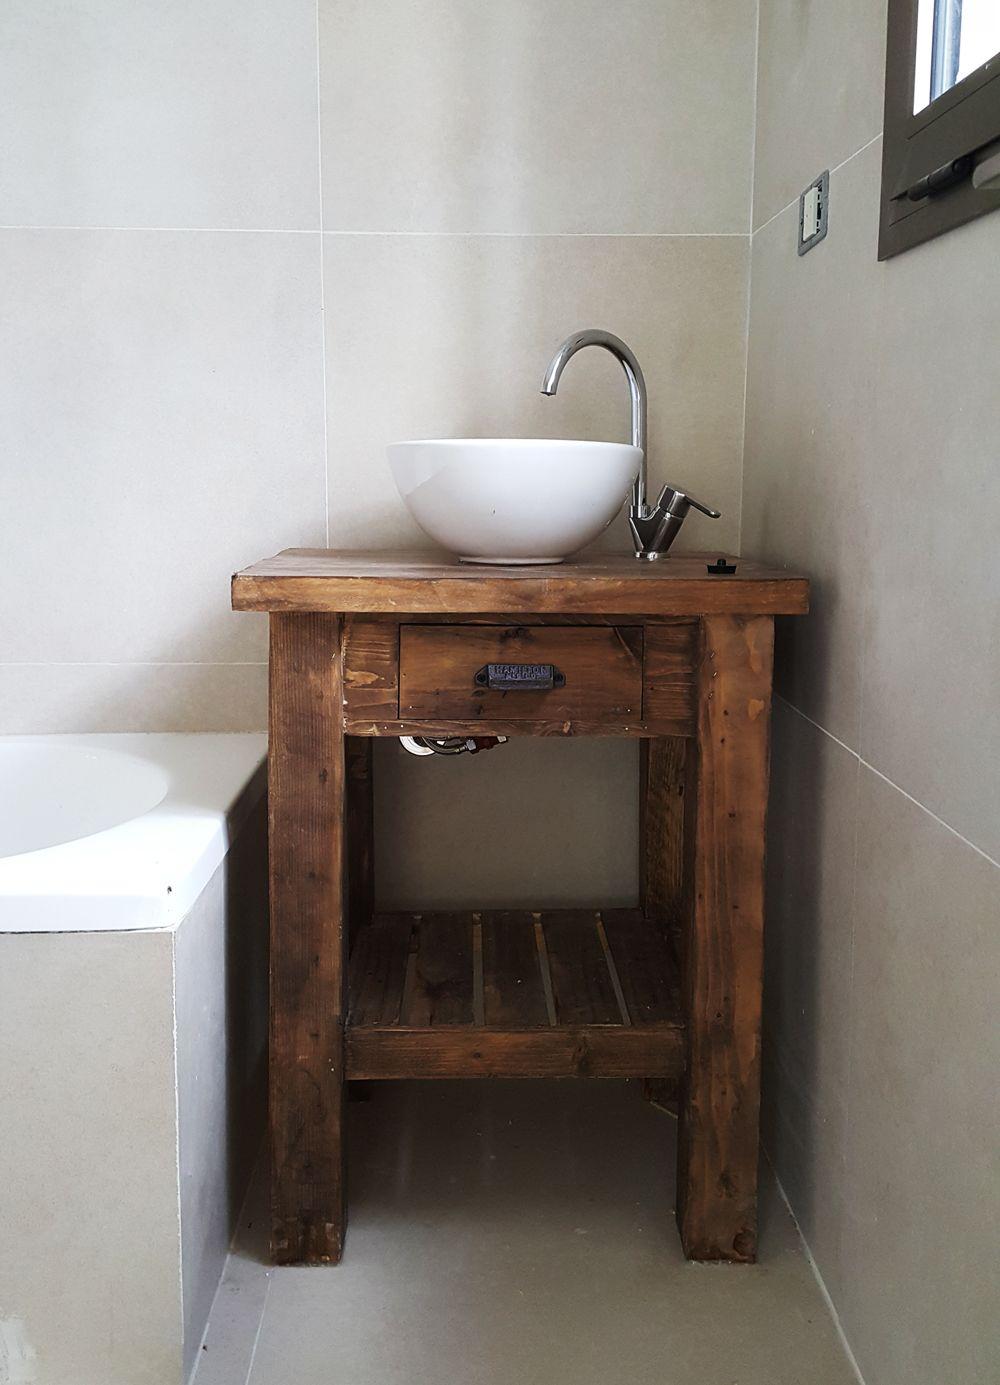 Vanitory 1 Cajon Y Deck Patas Rectas Muebles De Bano Rusticos